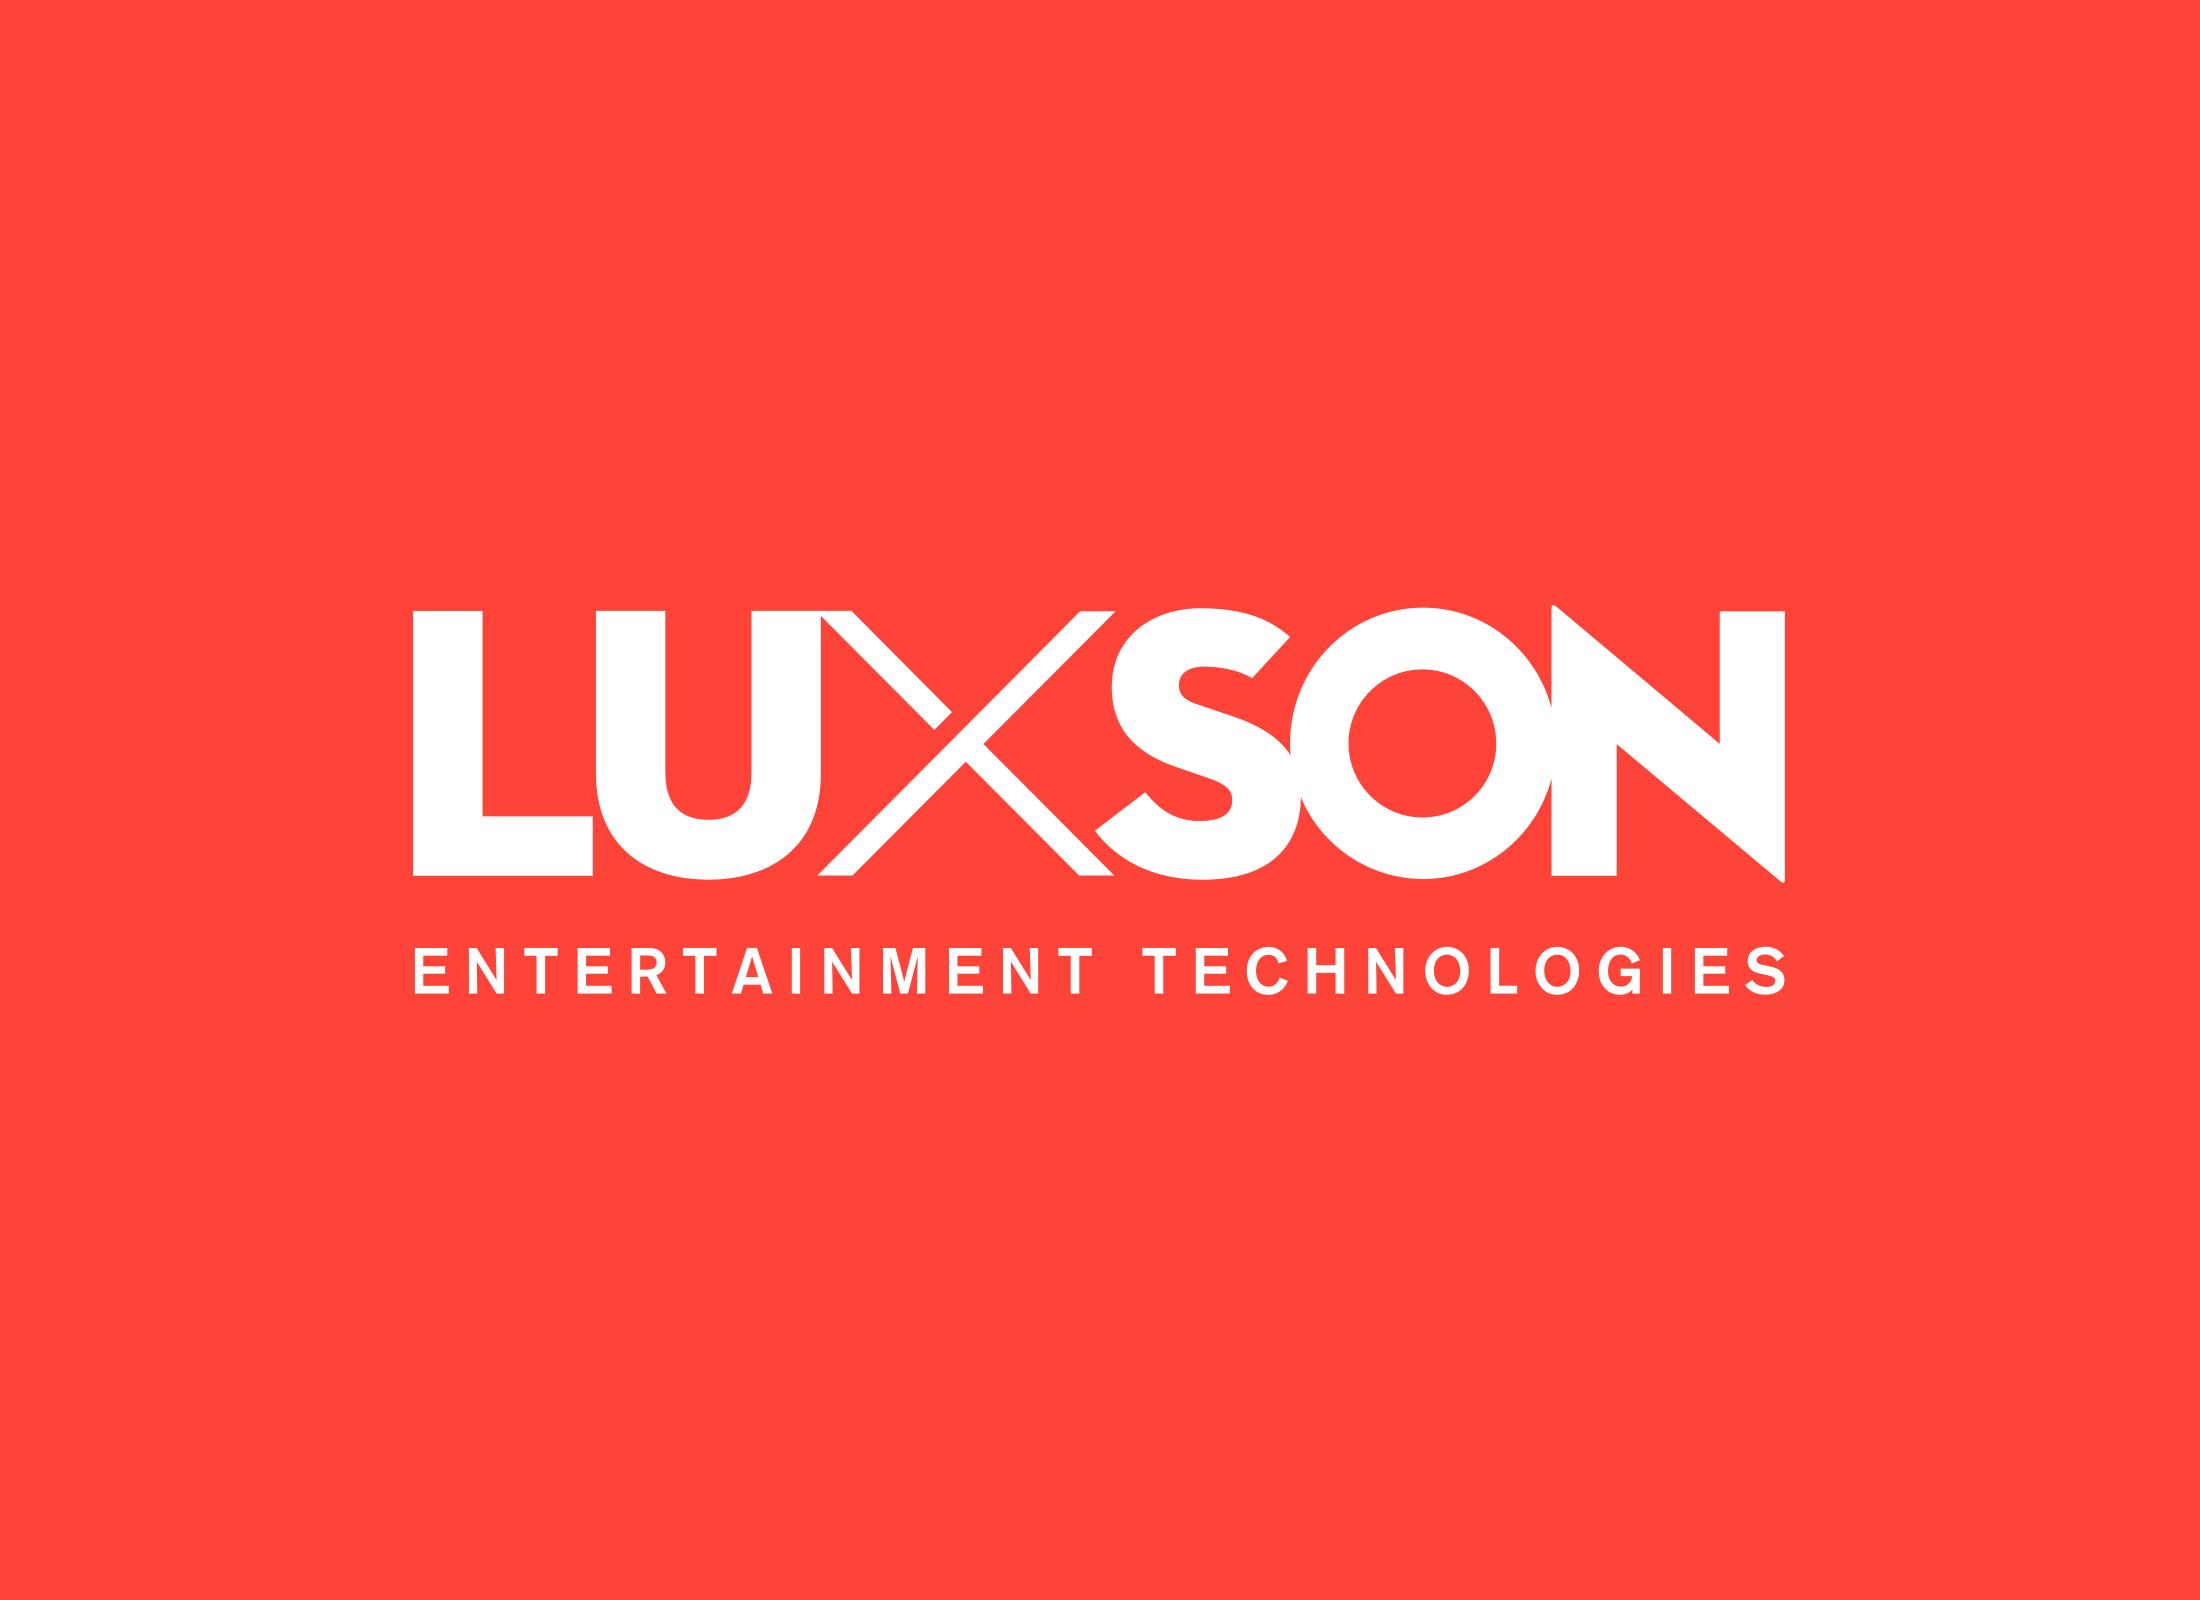 Luxson